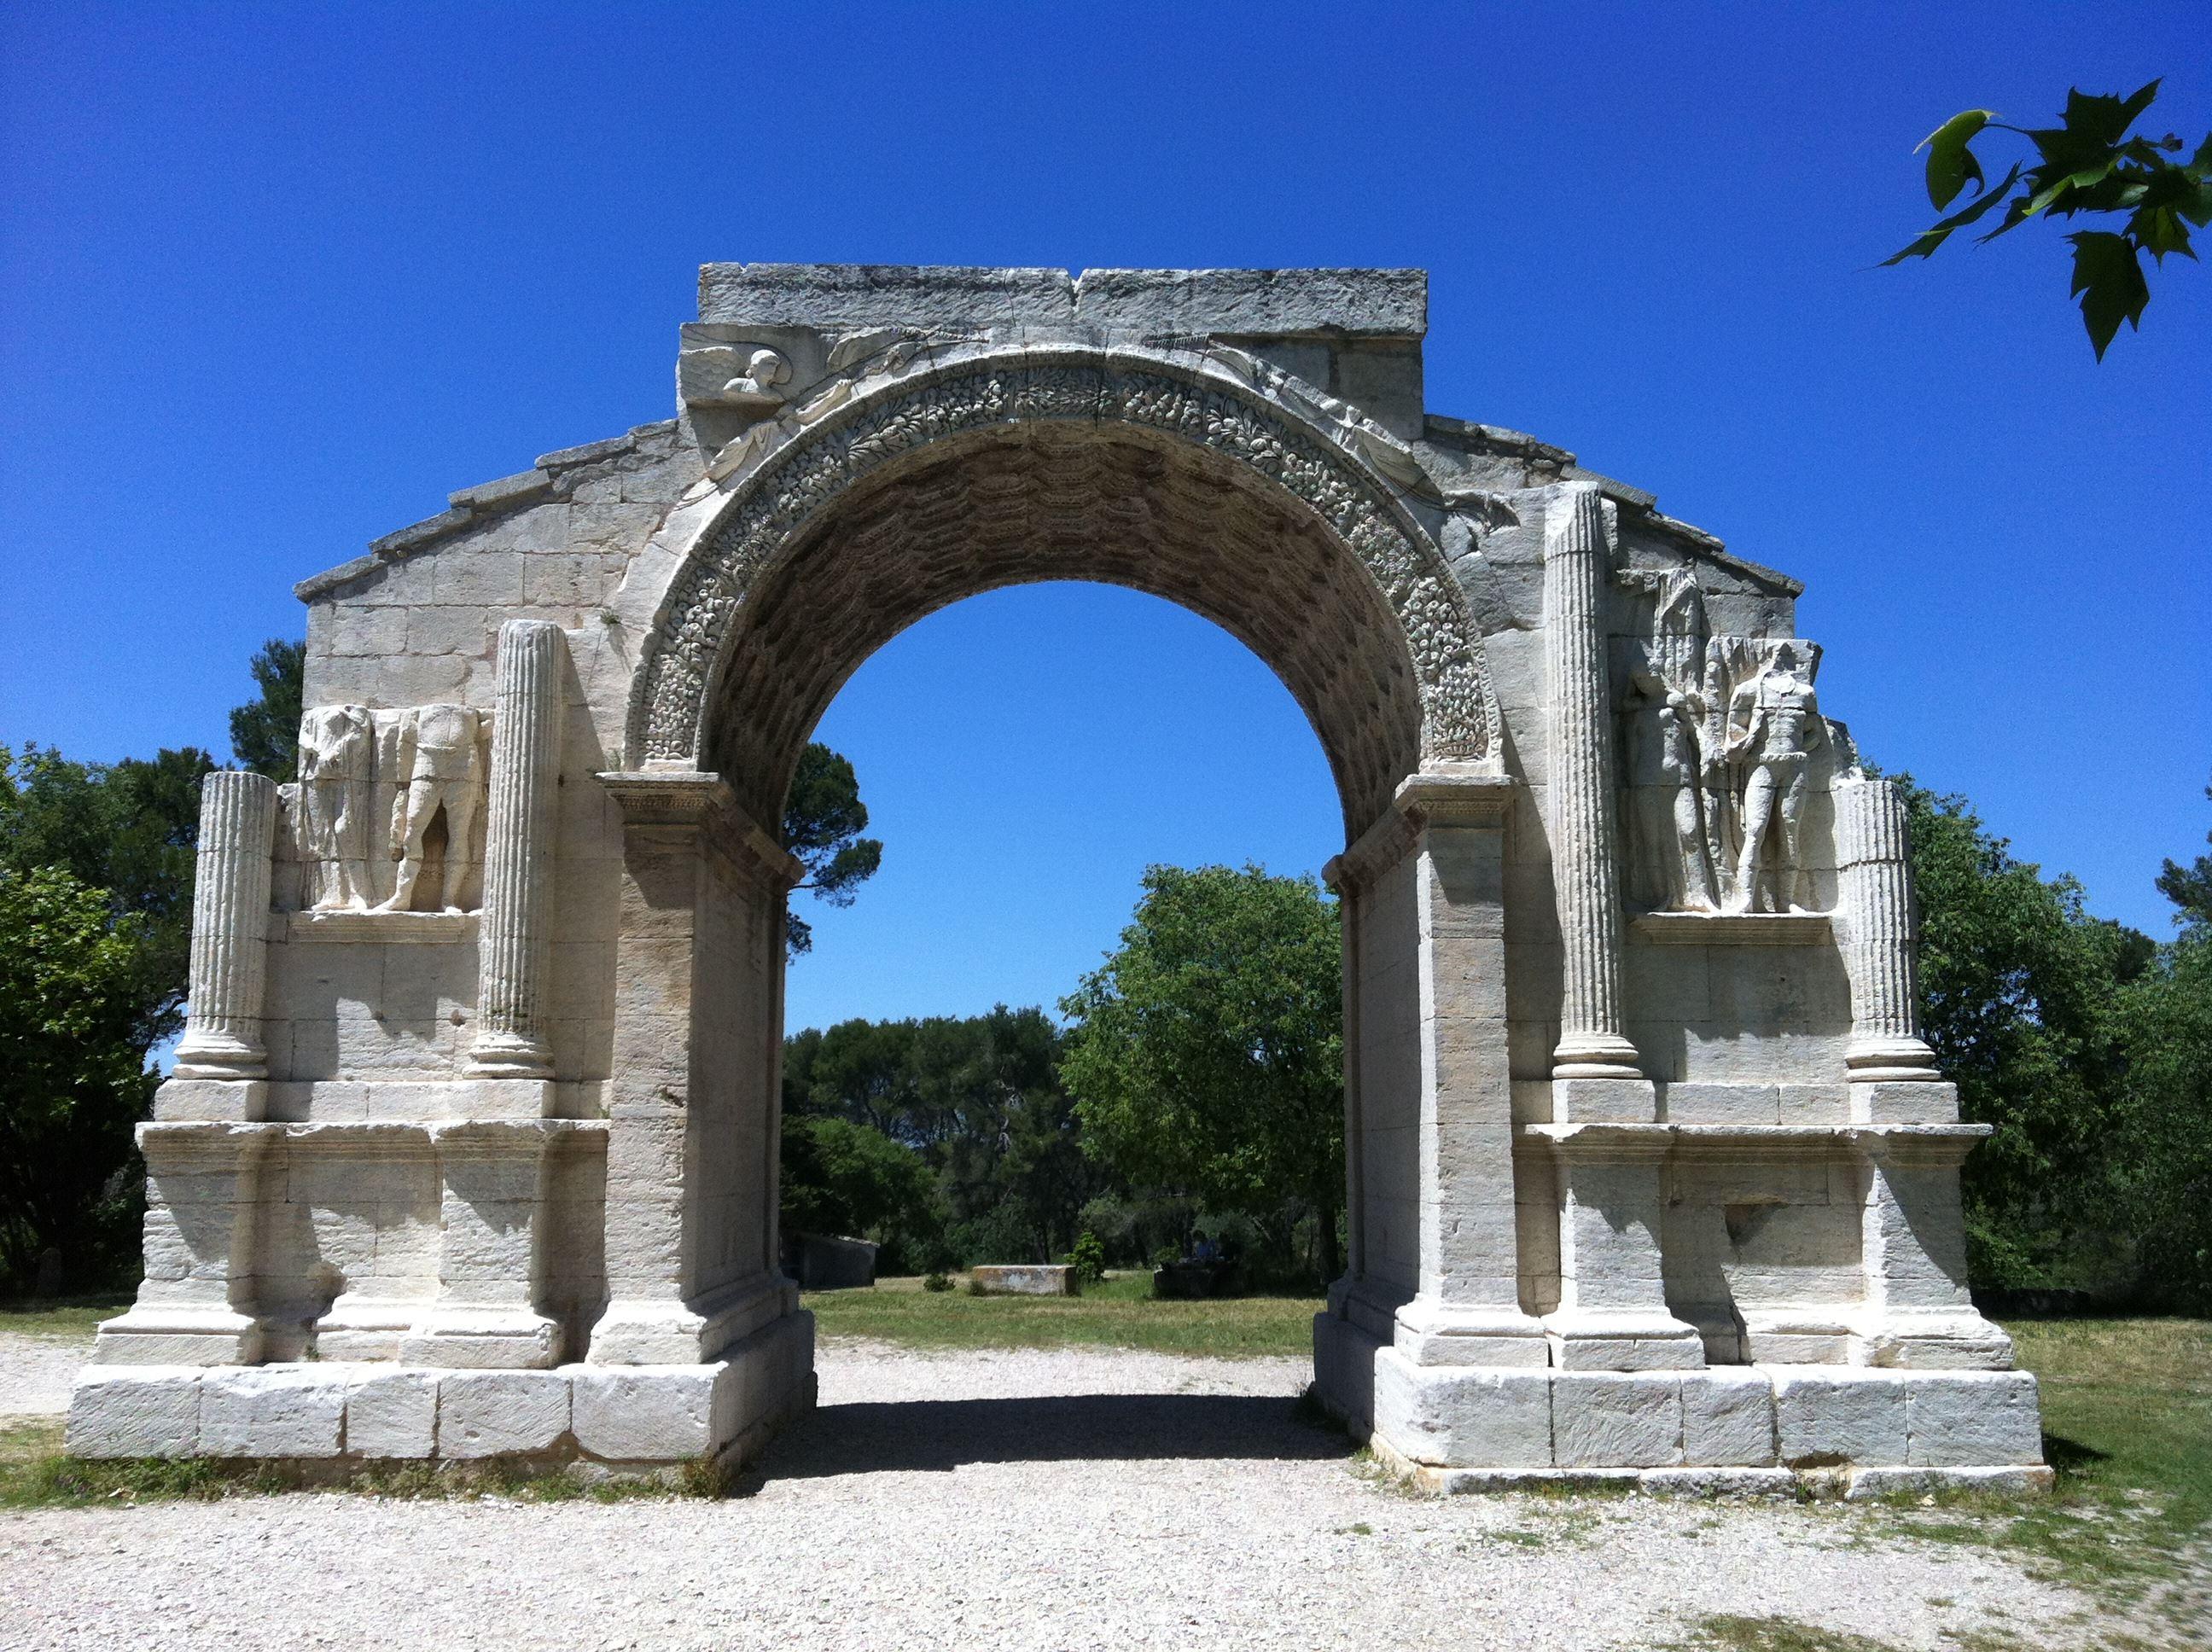 Toute la Provence en un jour, les Baux de Provence, Saint Remy, Gordes, Roussillon & Lourmarin